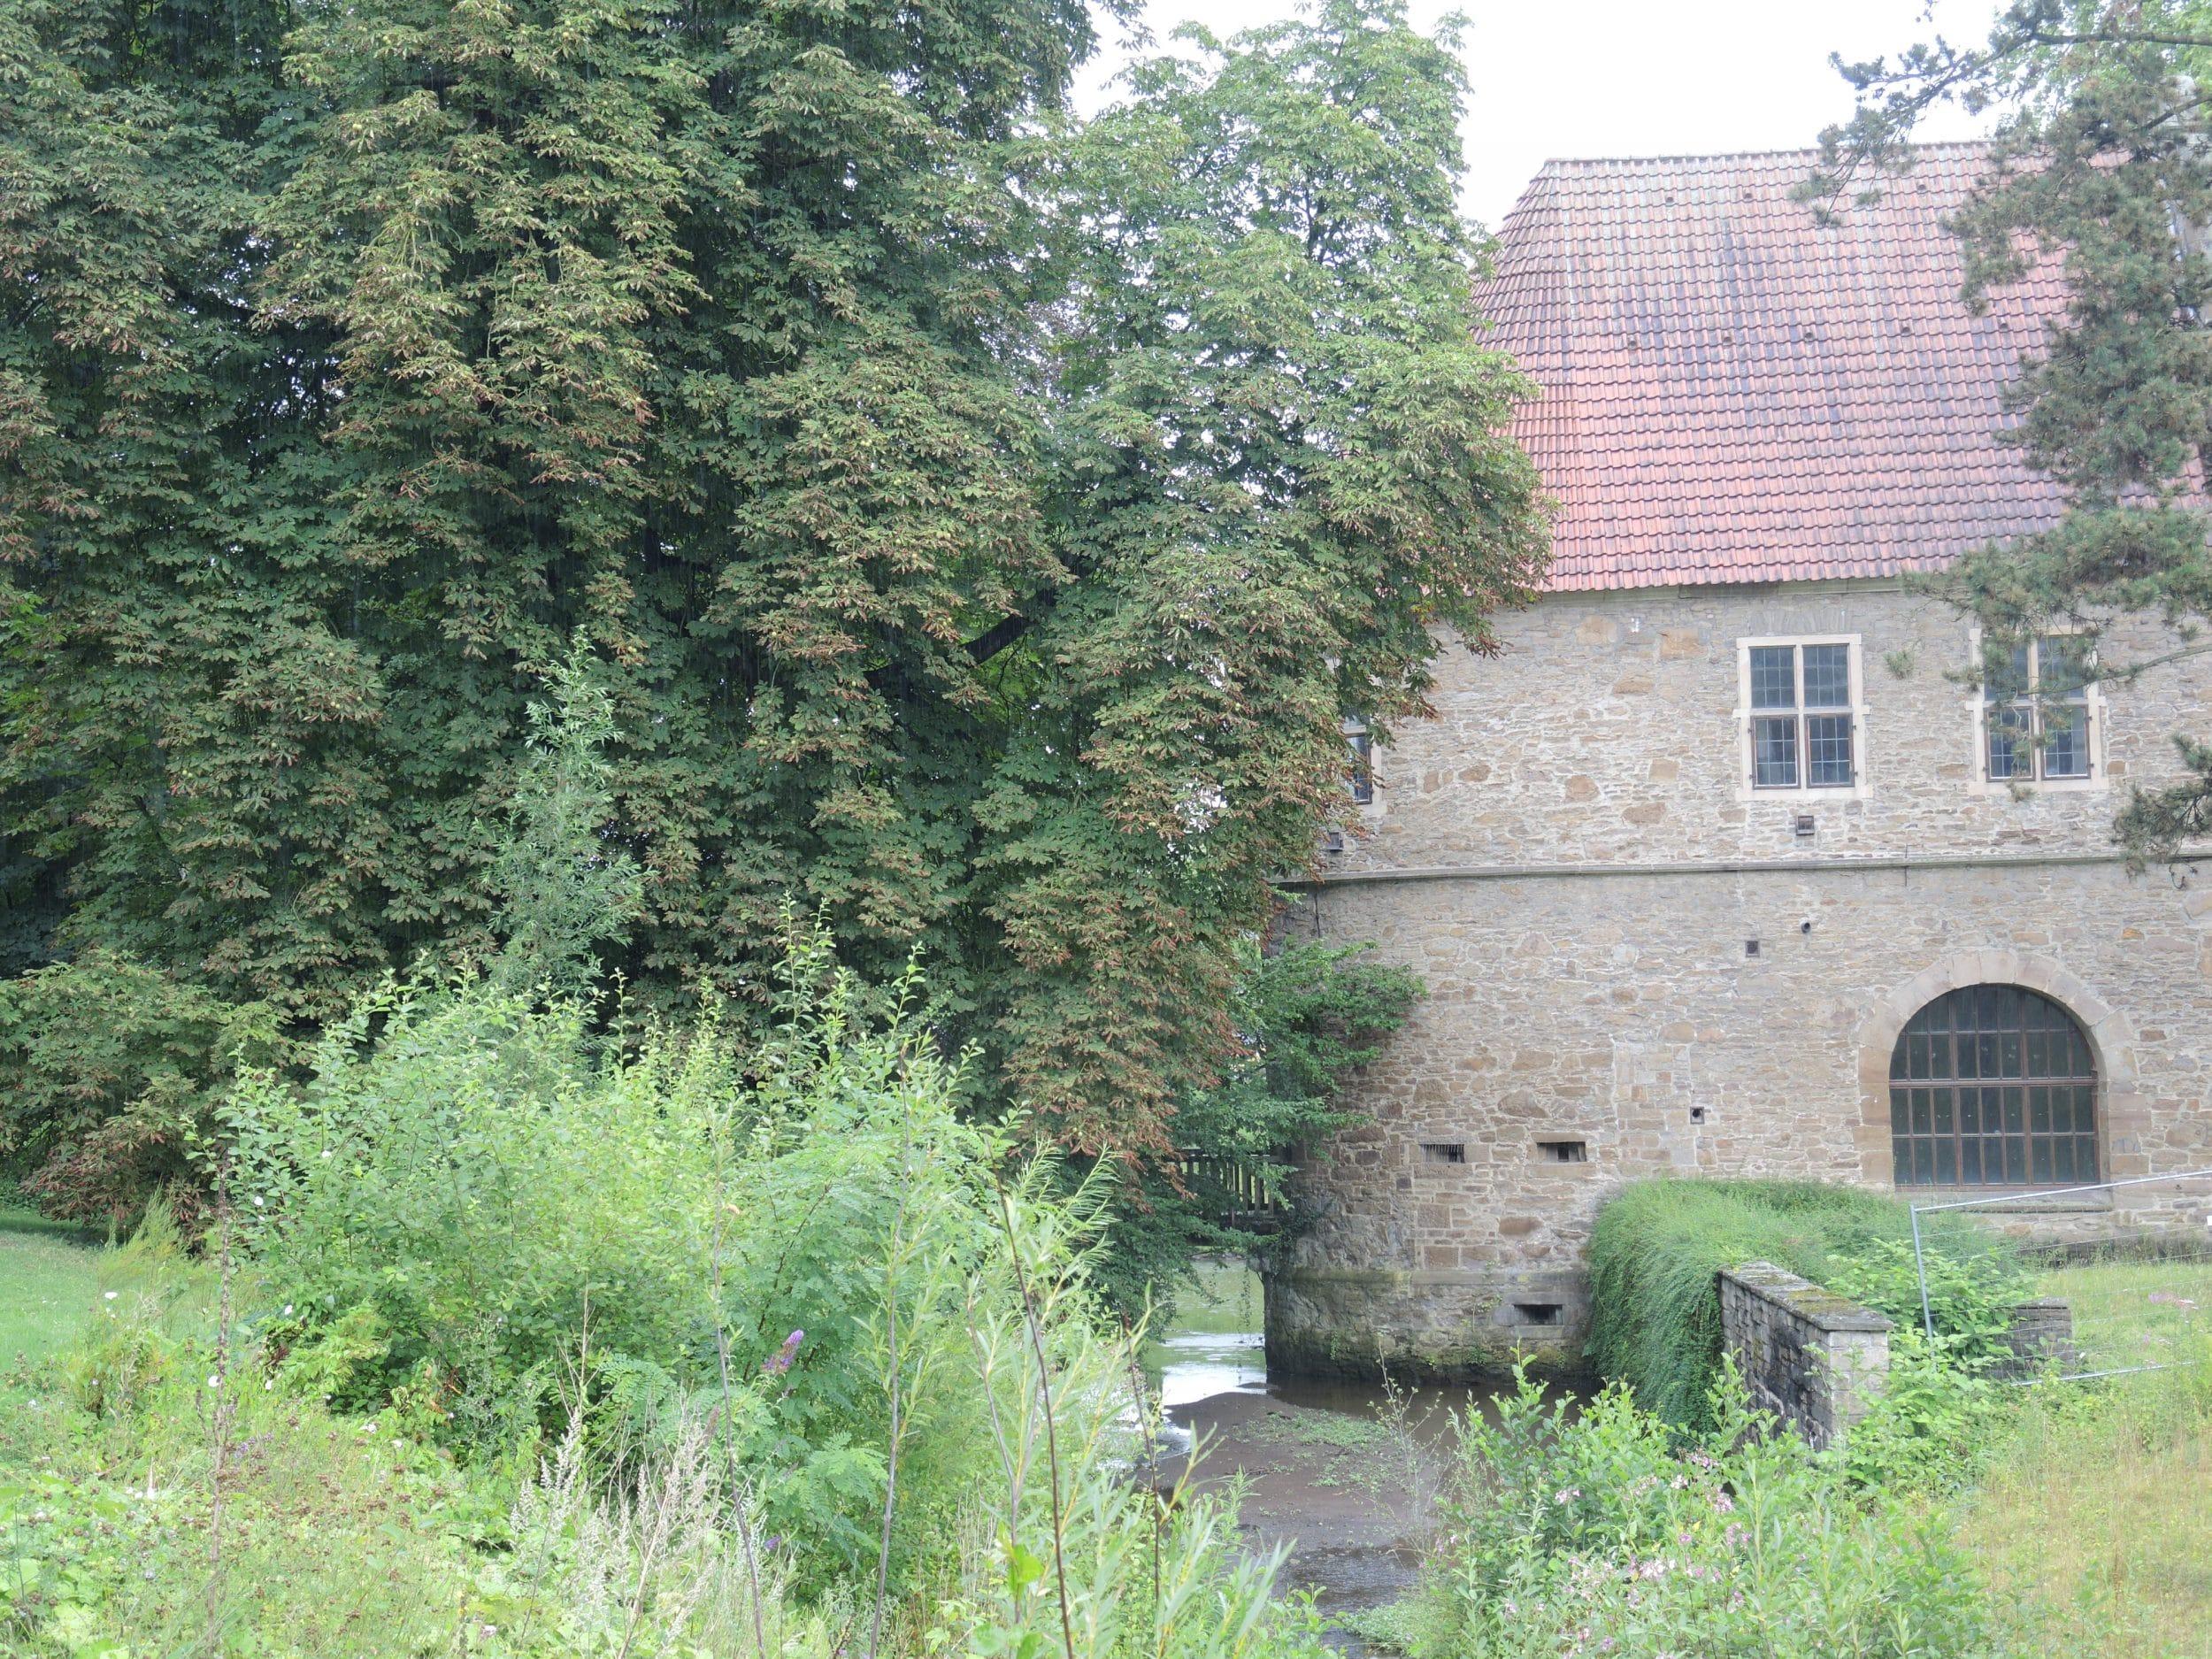 Die Kunstwerke werden später in der städtischen Galerie Torhaus Rombergpark gezeigt. (Archivfoto: IN-StadtMagazine)